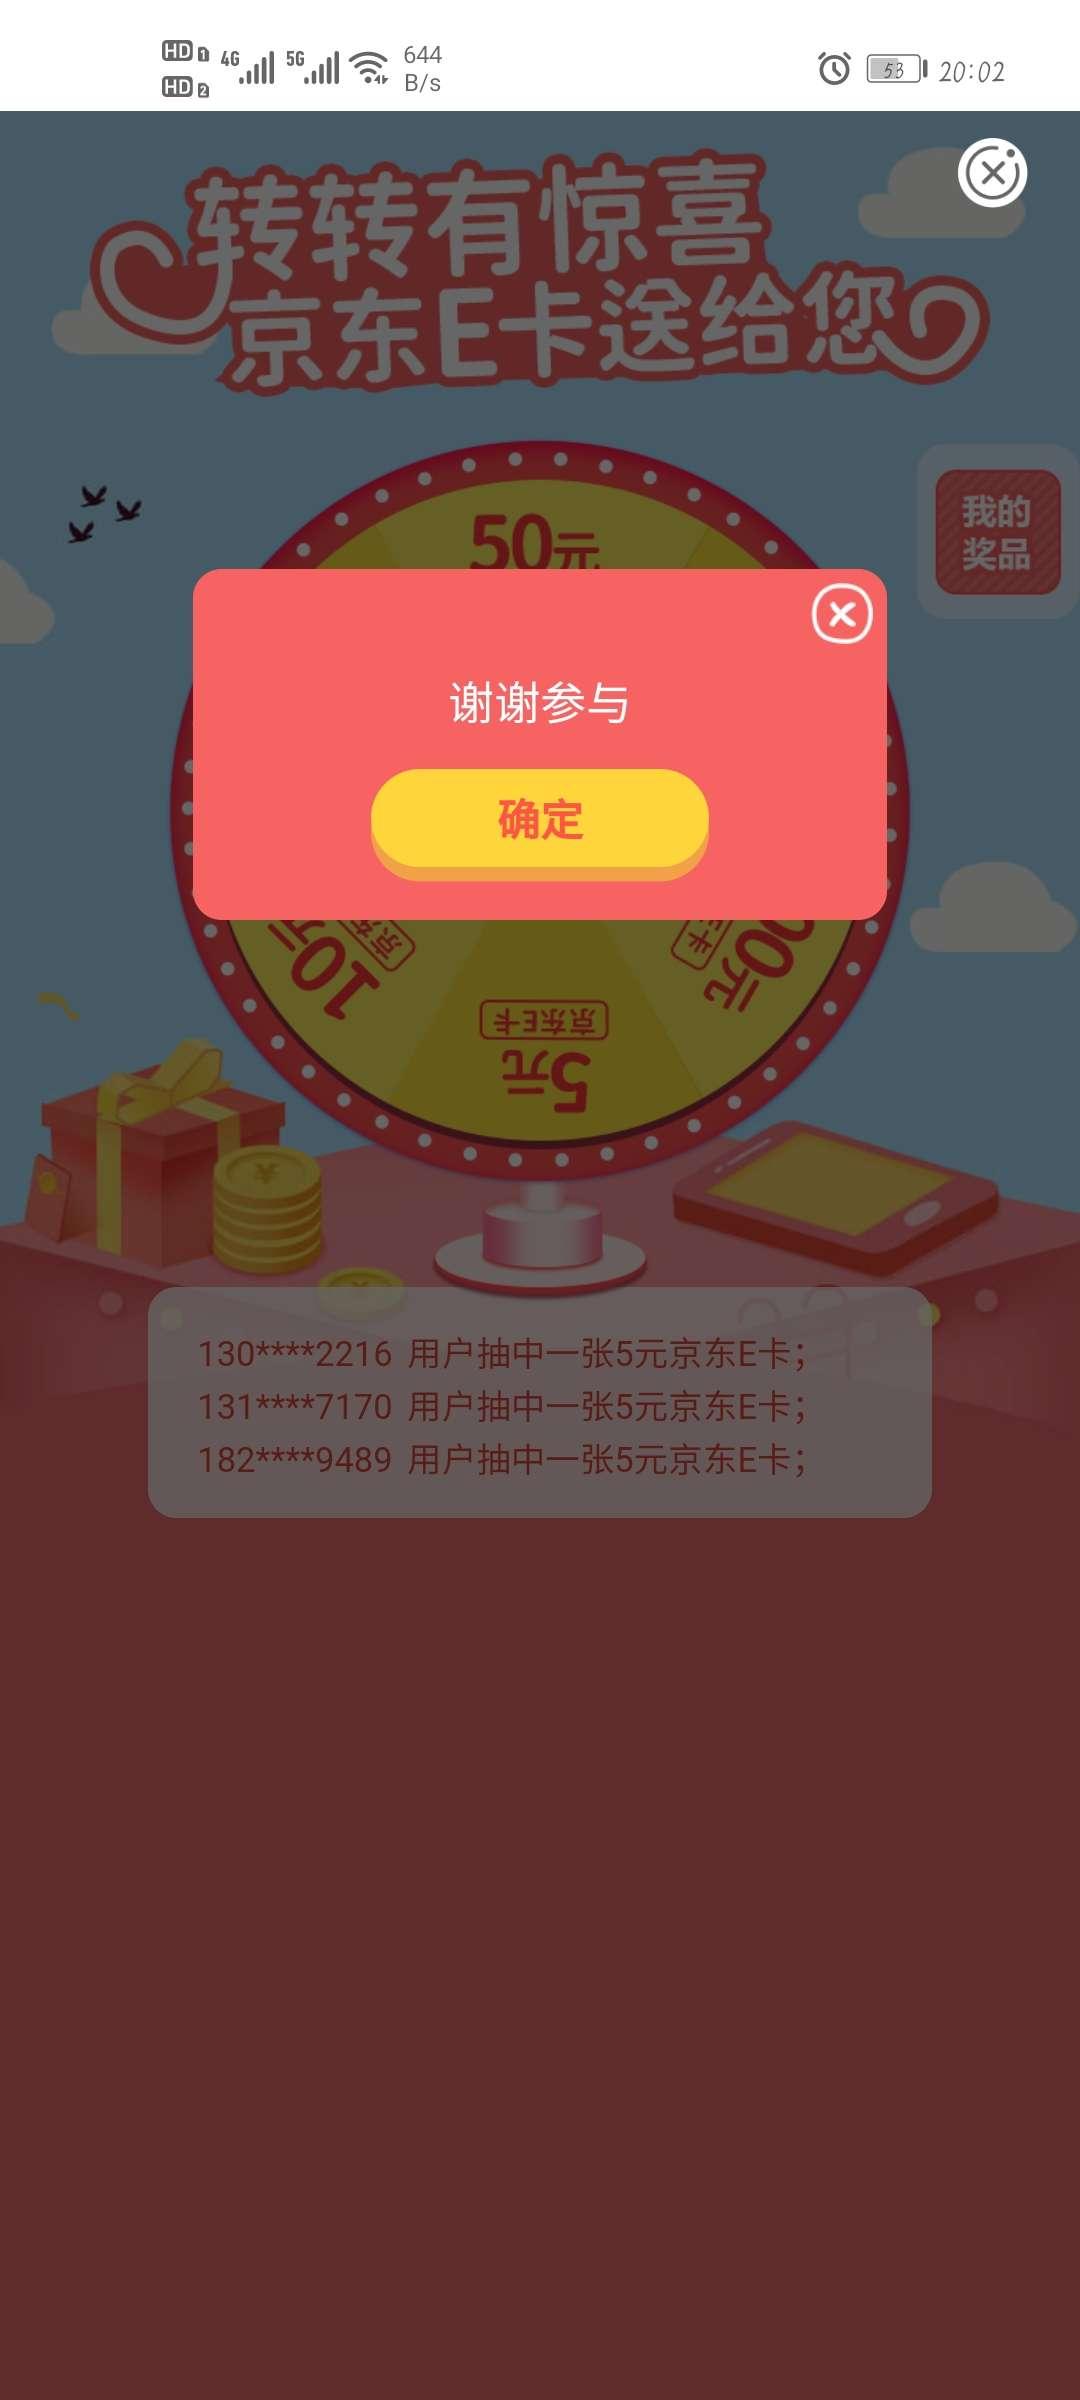 农行0.1抽5-100元京东卡,没抽中钱还会返还。插图3